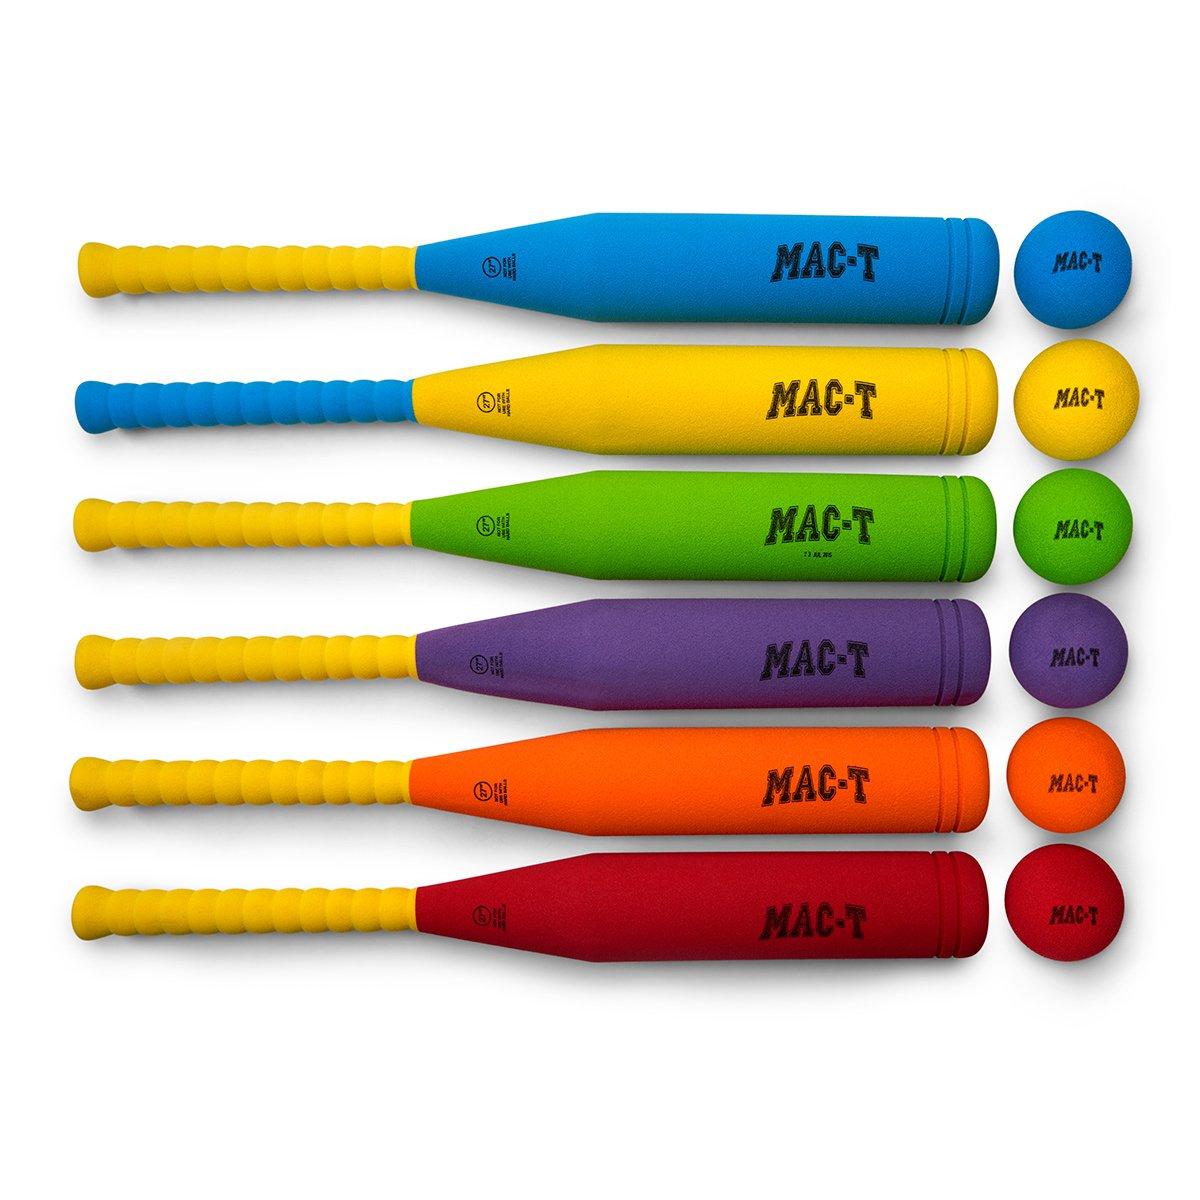 MAC-T PE08660 Foam Fat Bat and Baseball Set, 6 Balls, 6 Bats, Assorted Colors by MAC-T